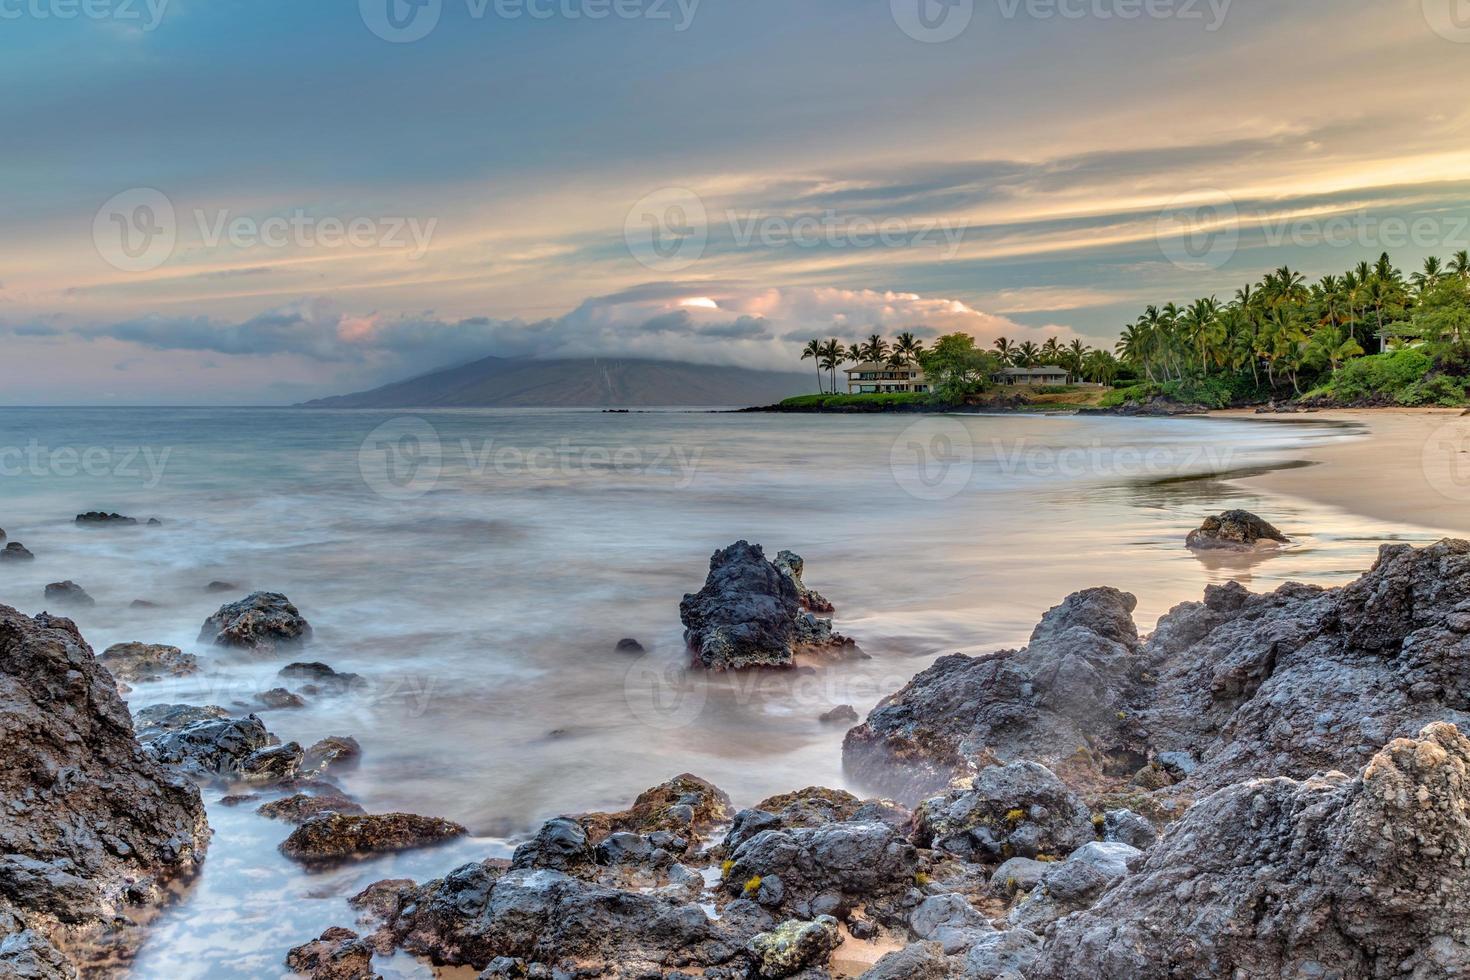 lever du soleil sur la plage secrète photo